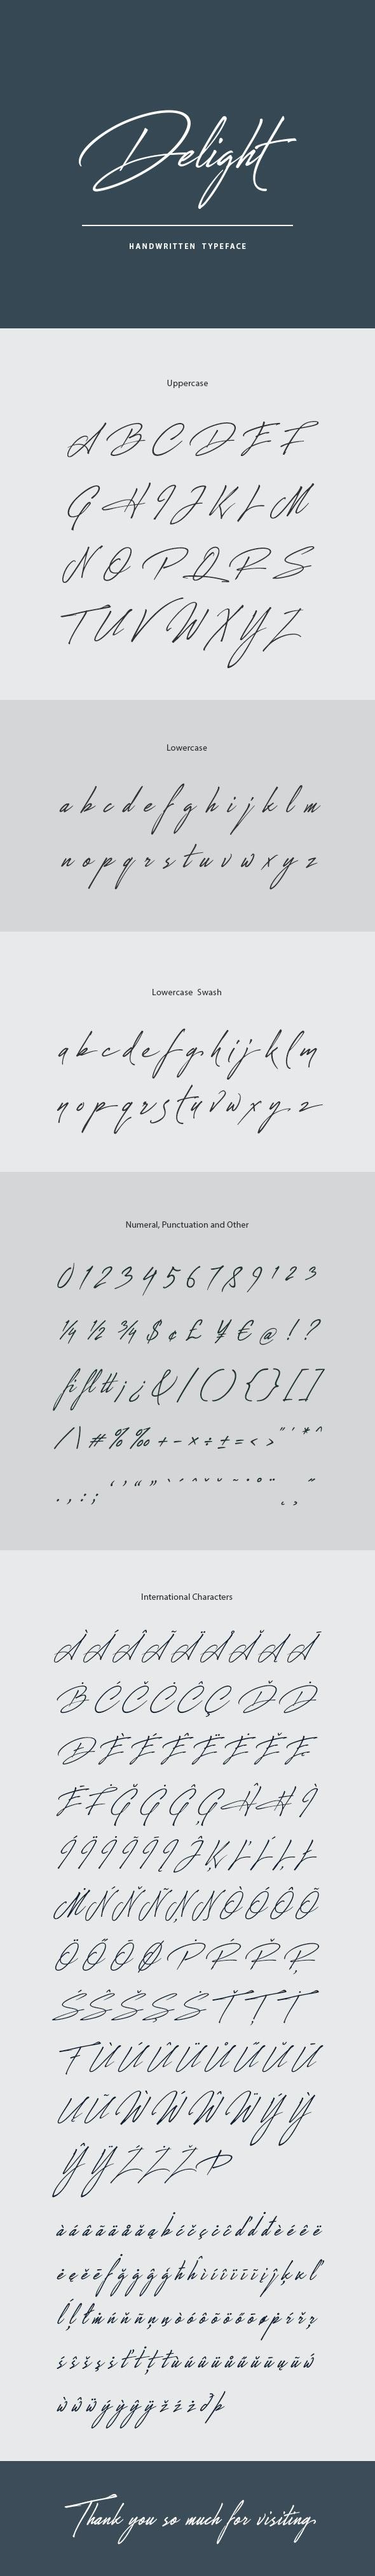 Delight Handwritten Font - Hand-writing Script